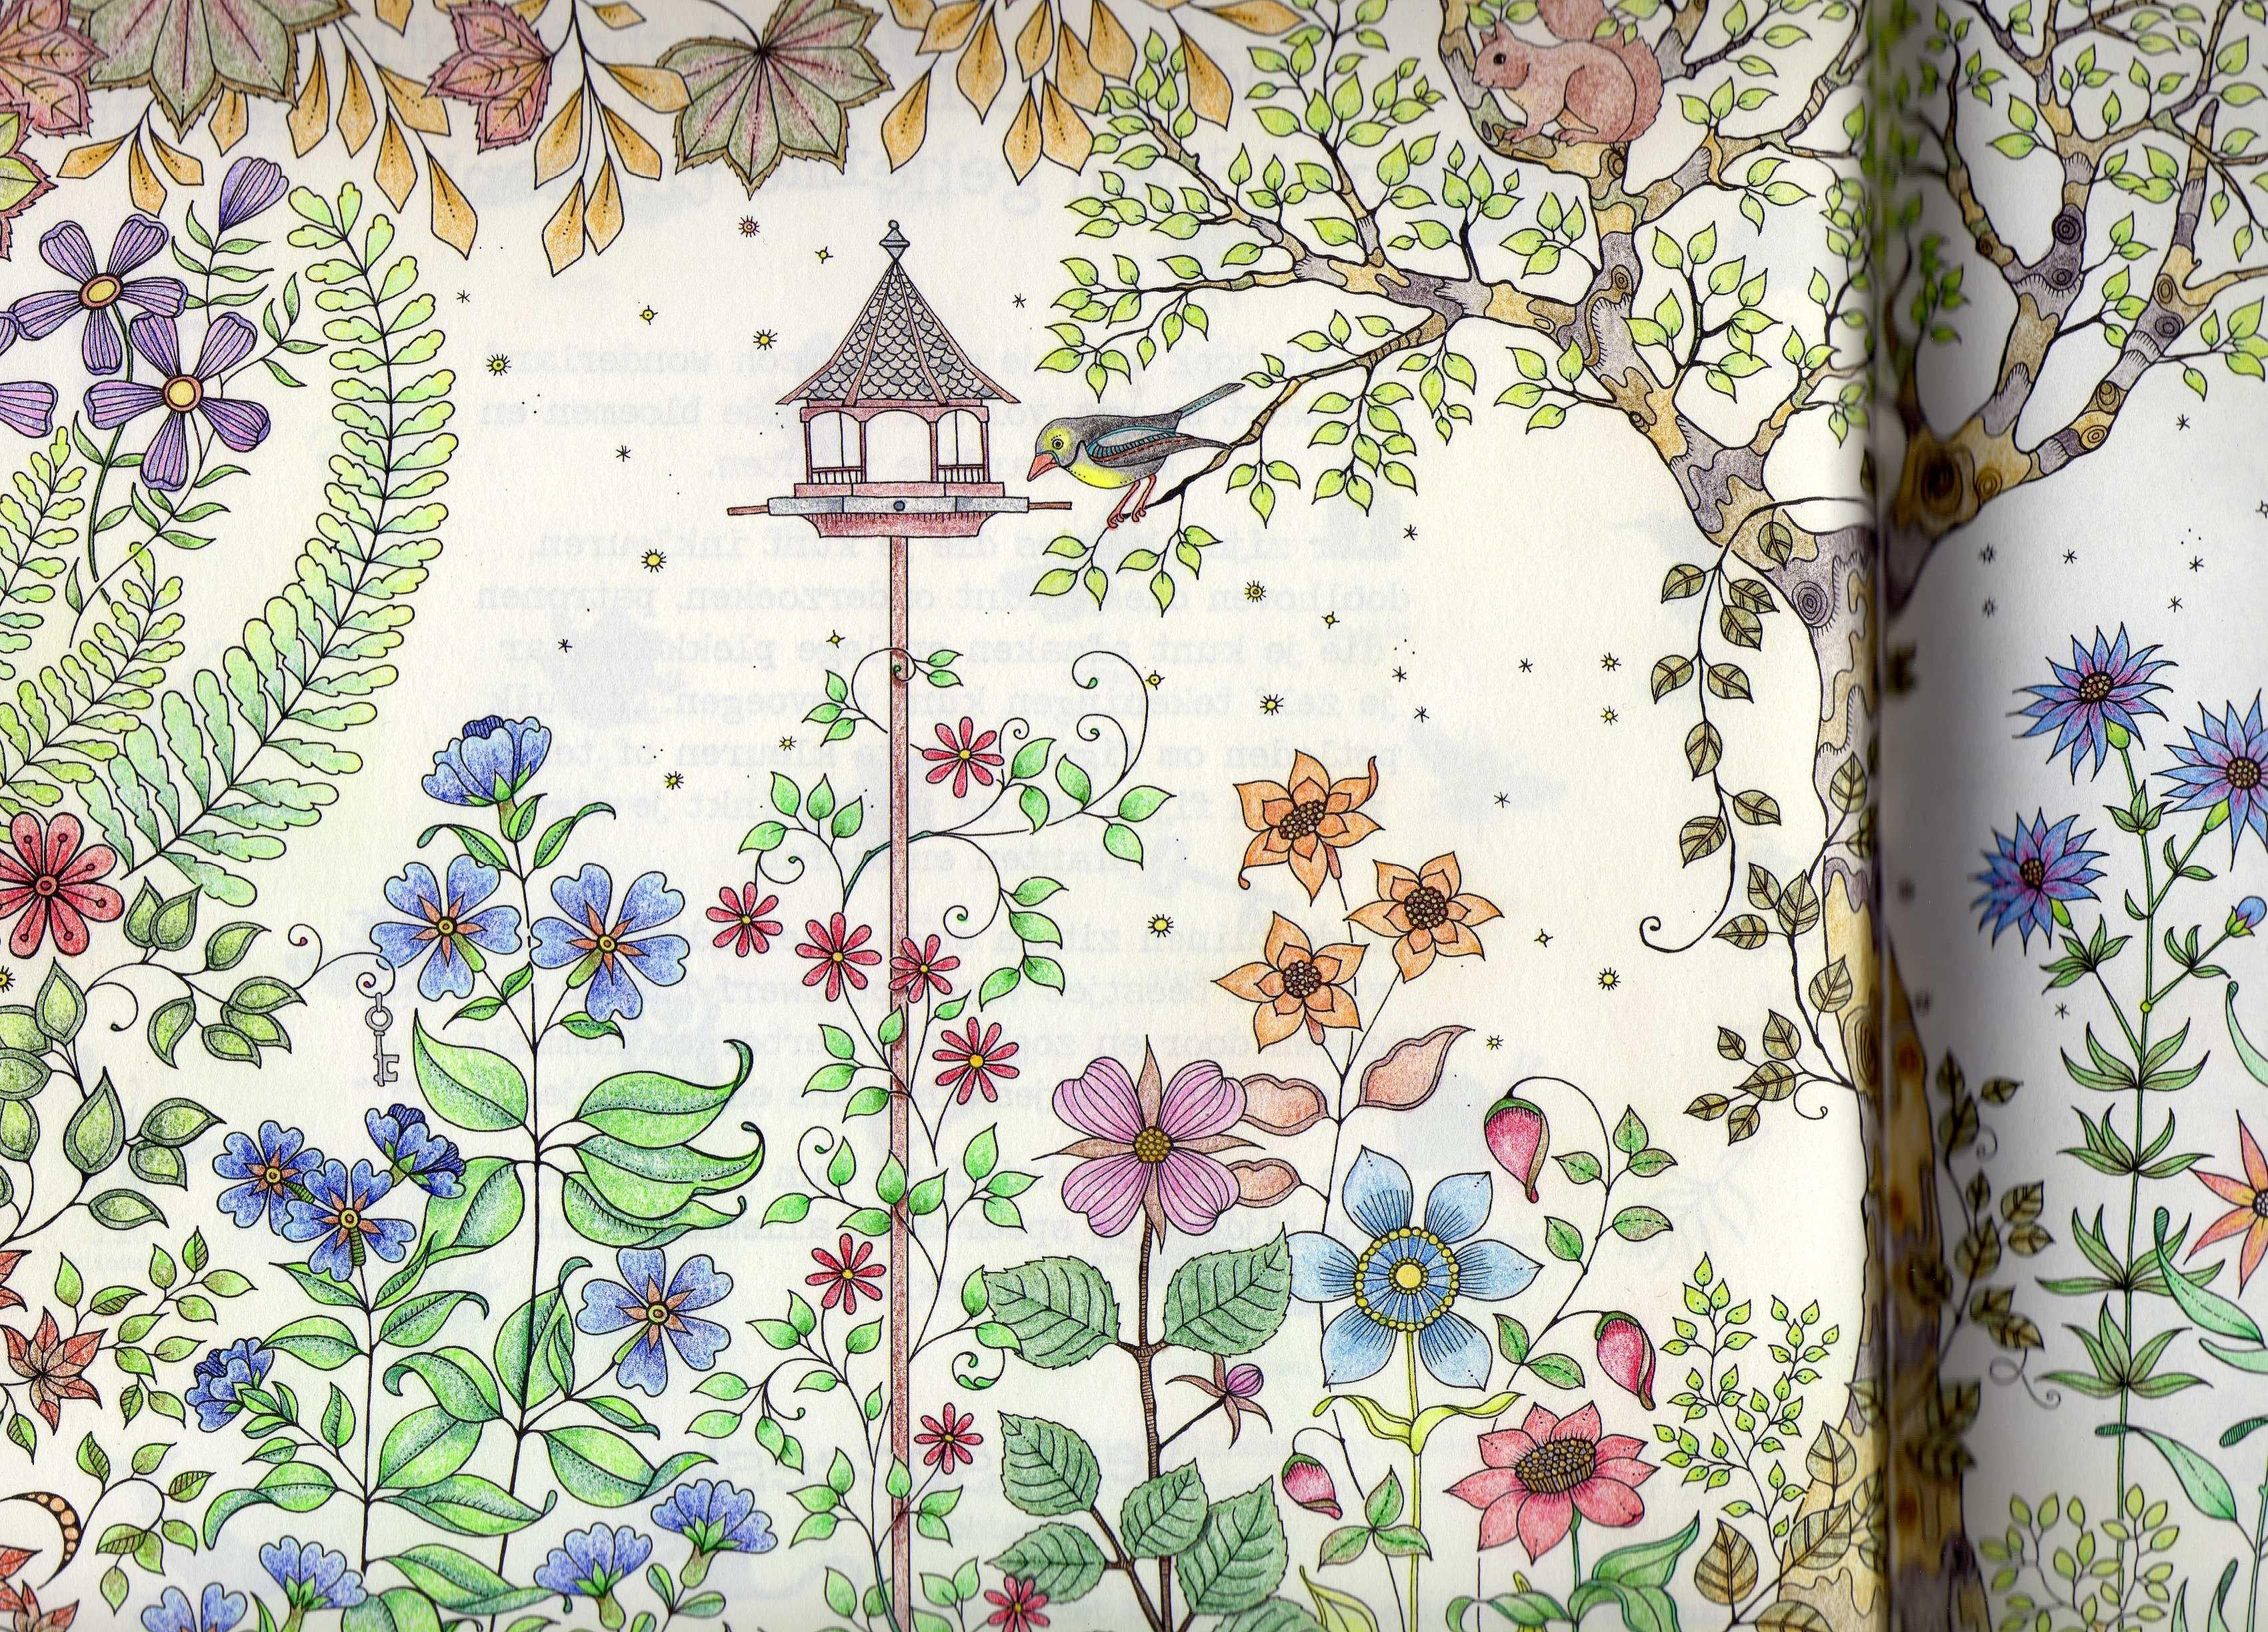 Uit Het Kleurboek Mijn Geheime Tuin Van Johanna Basford De Eerste Bladzijde Wordt Vervolgd Mandala Kleurplaten Geheime Tuin Kleurboek